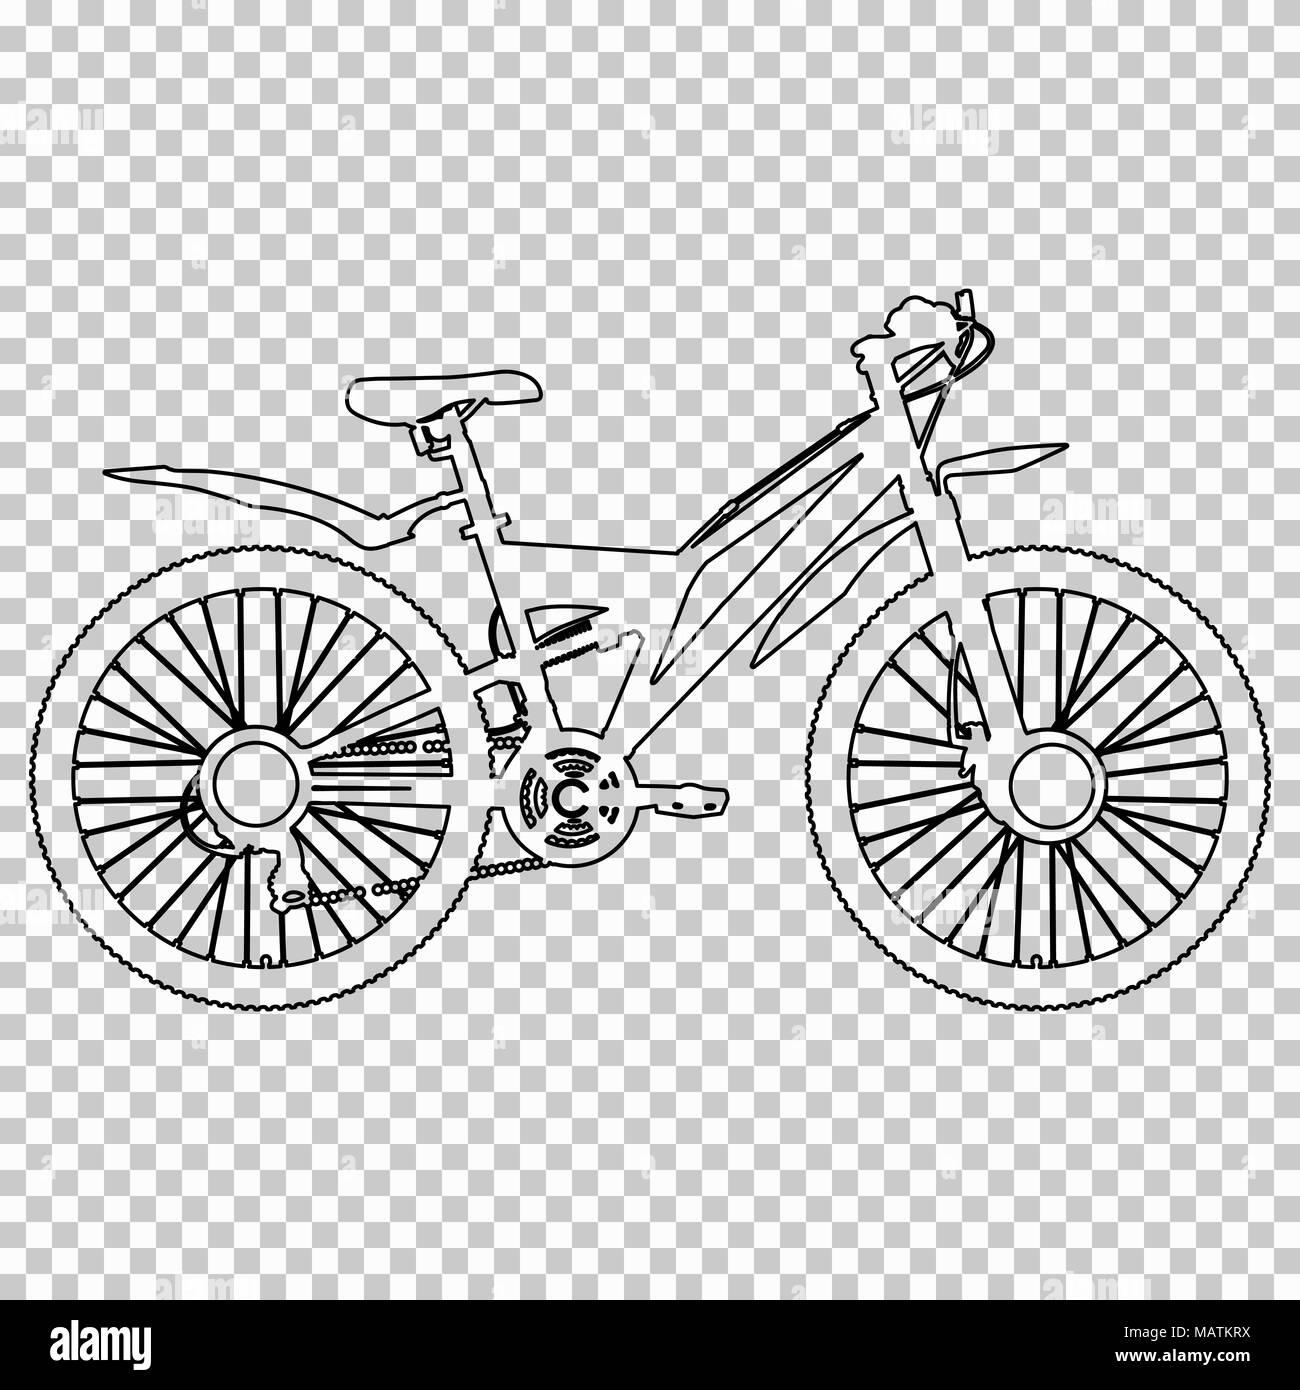 Delineare La Figura Bicicletta Semi Faccia Su Sfondo Trasparente